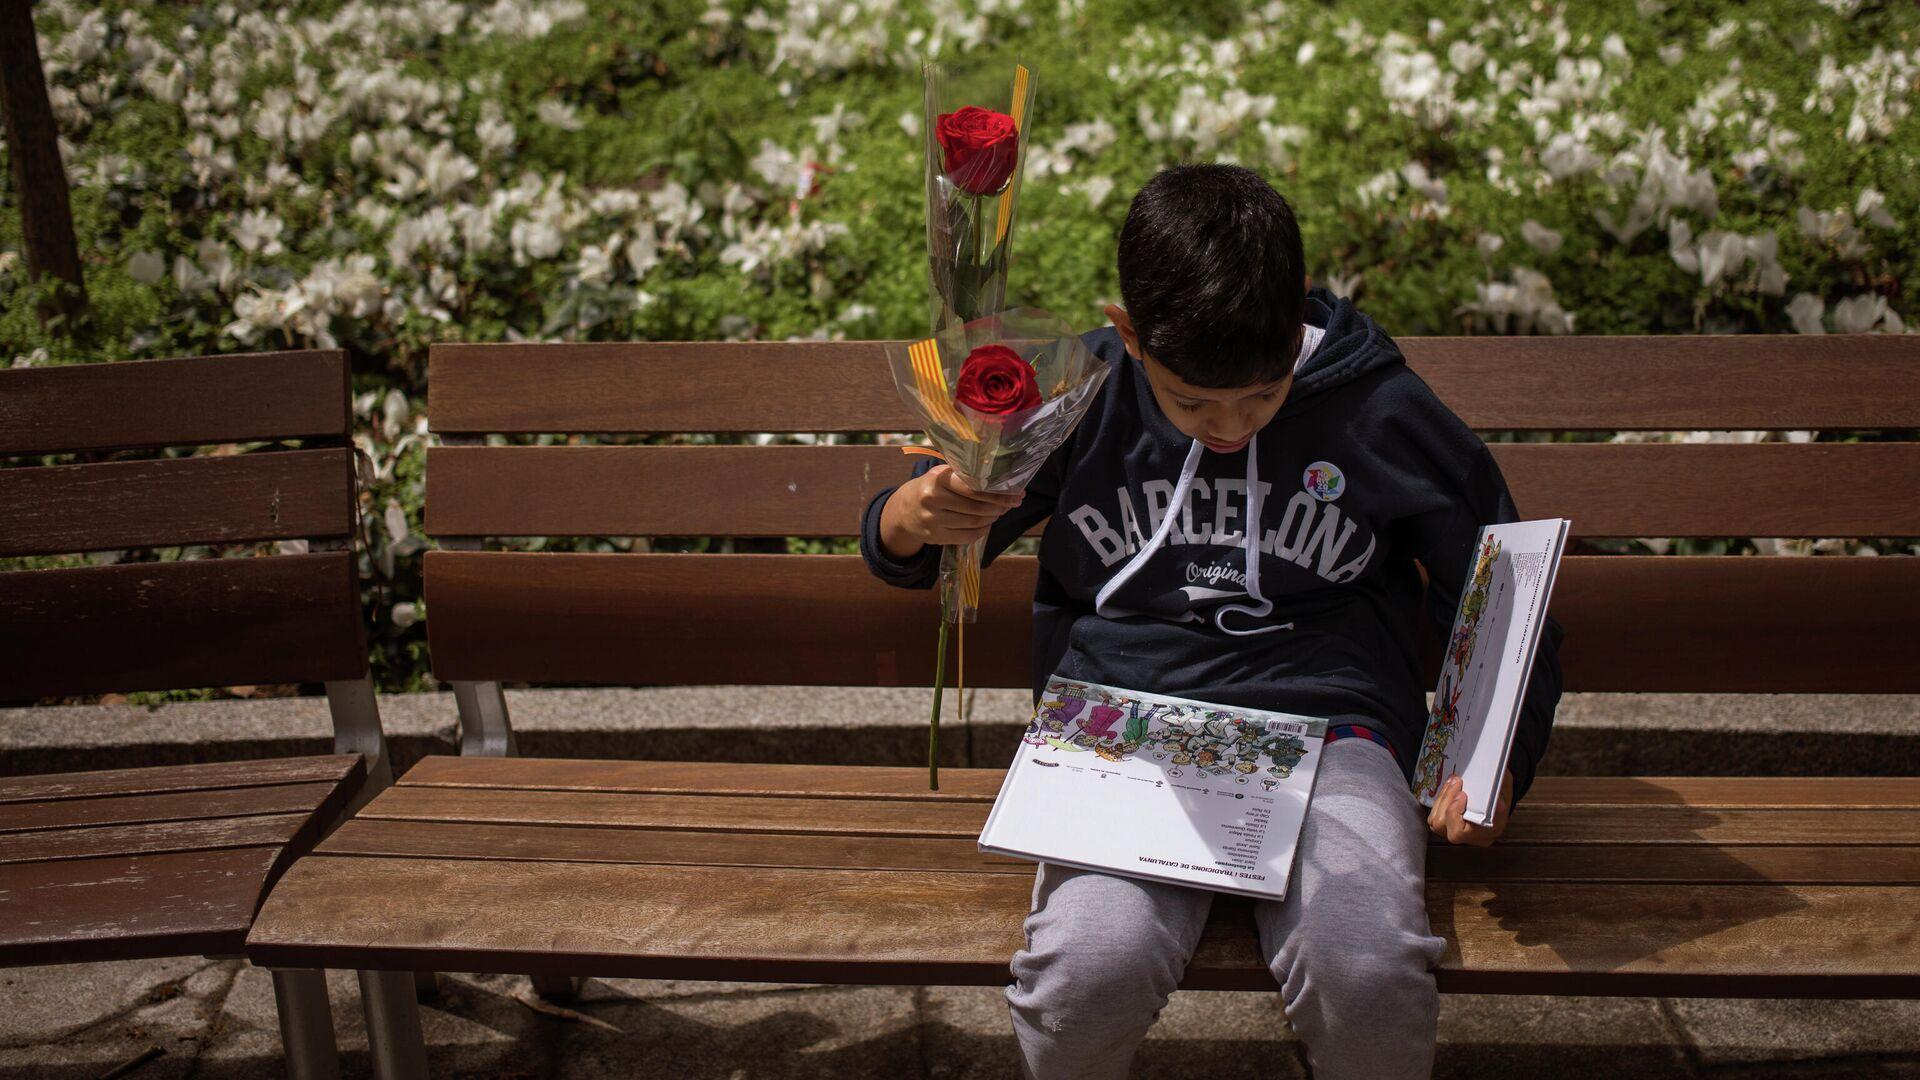 Un chico sostiene una rosa y un par de libros en el Día de Sant Jordi, Barcelona - Sputnik Mundo, 1920, 22.04.2021